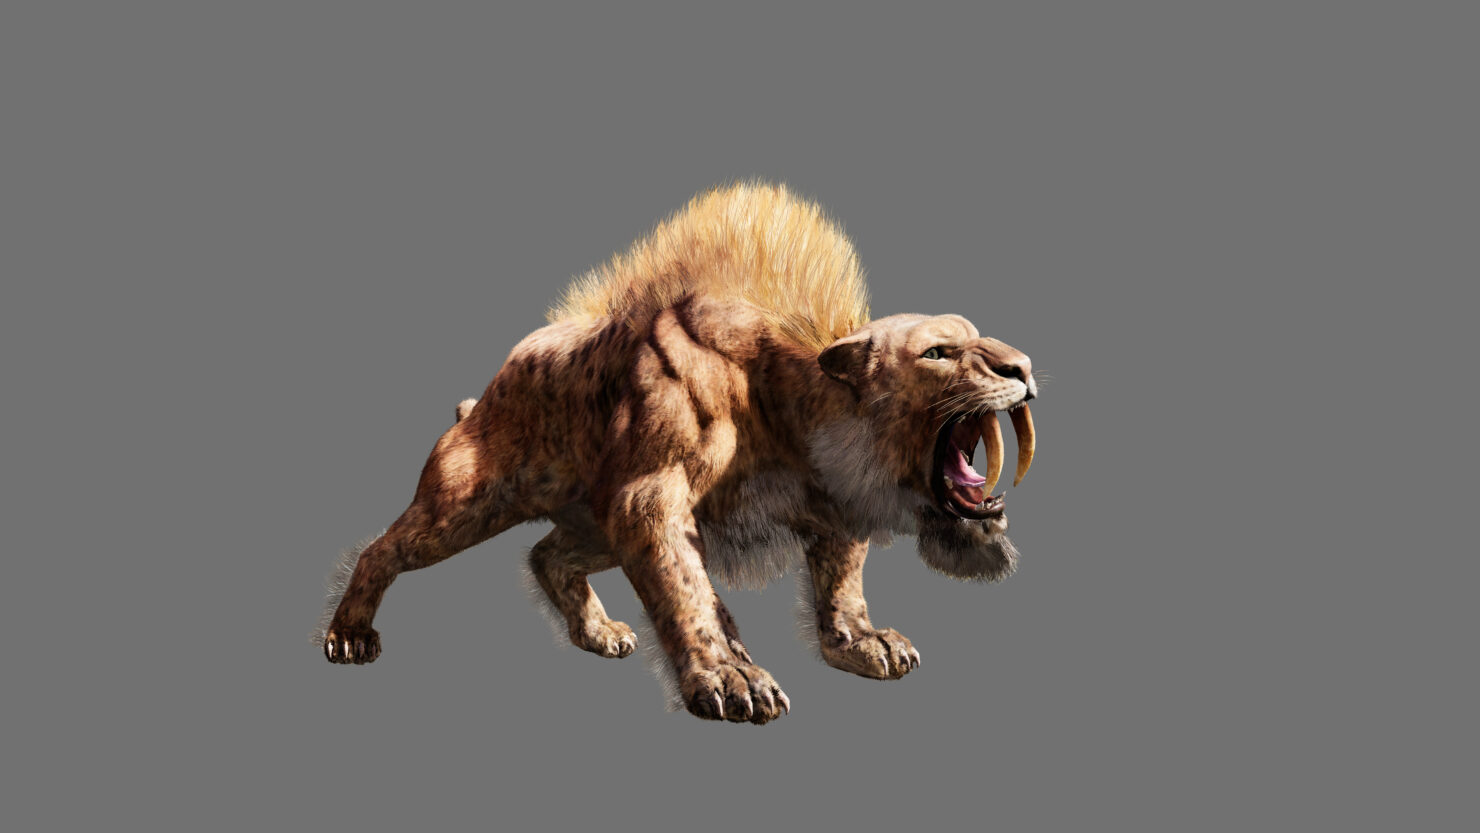 fcp_render_sabertooth_beastmaster_reveal_151204_5am_cet_1449251225